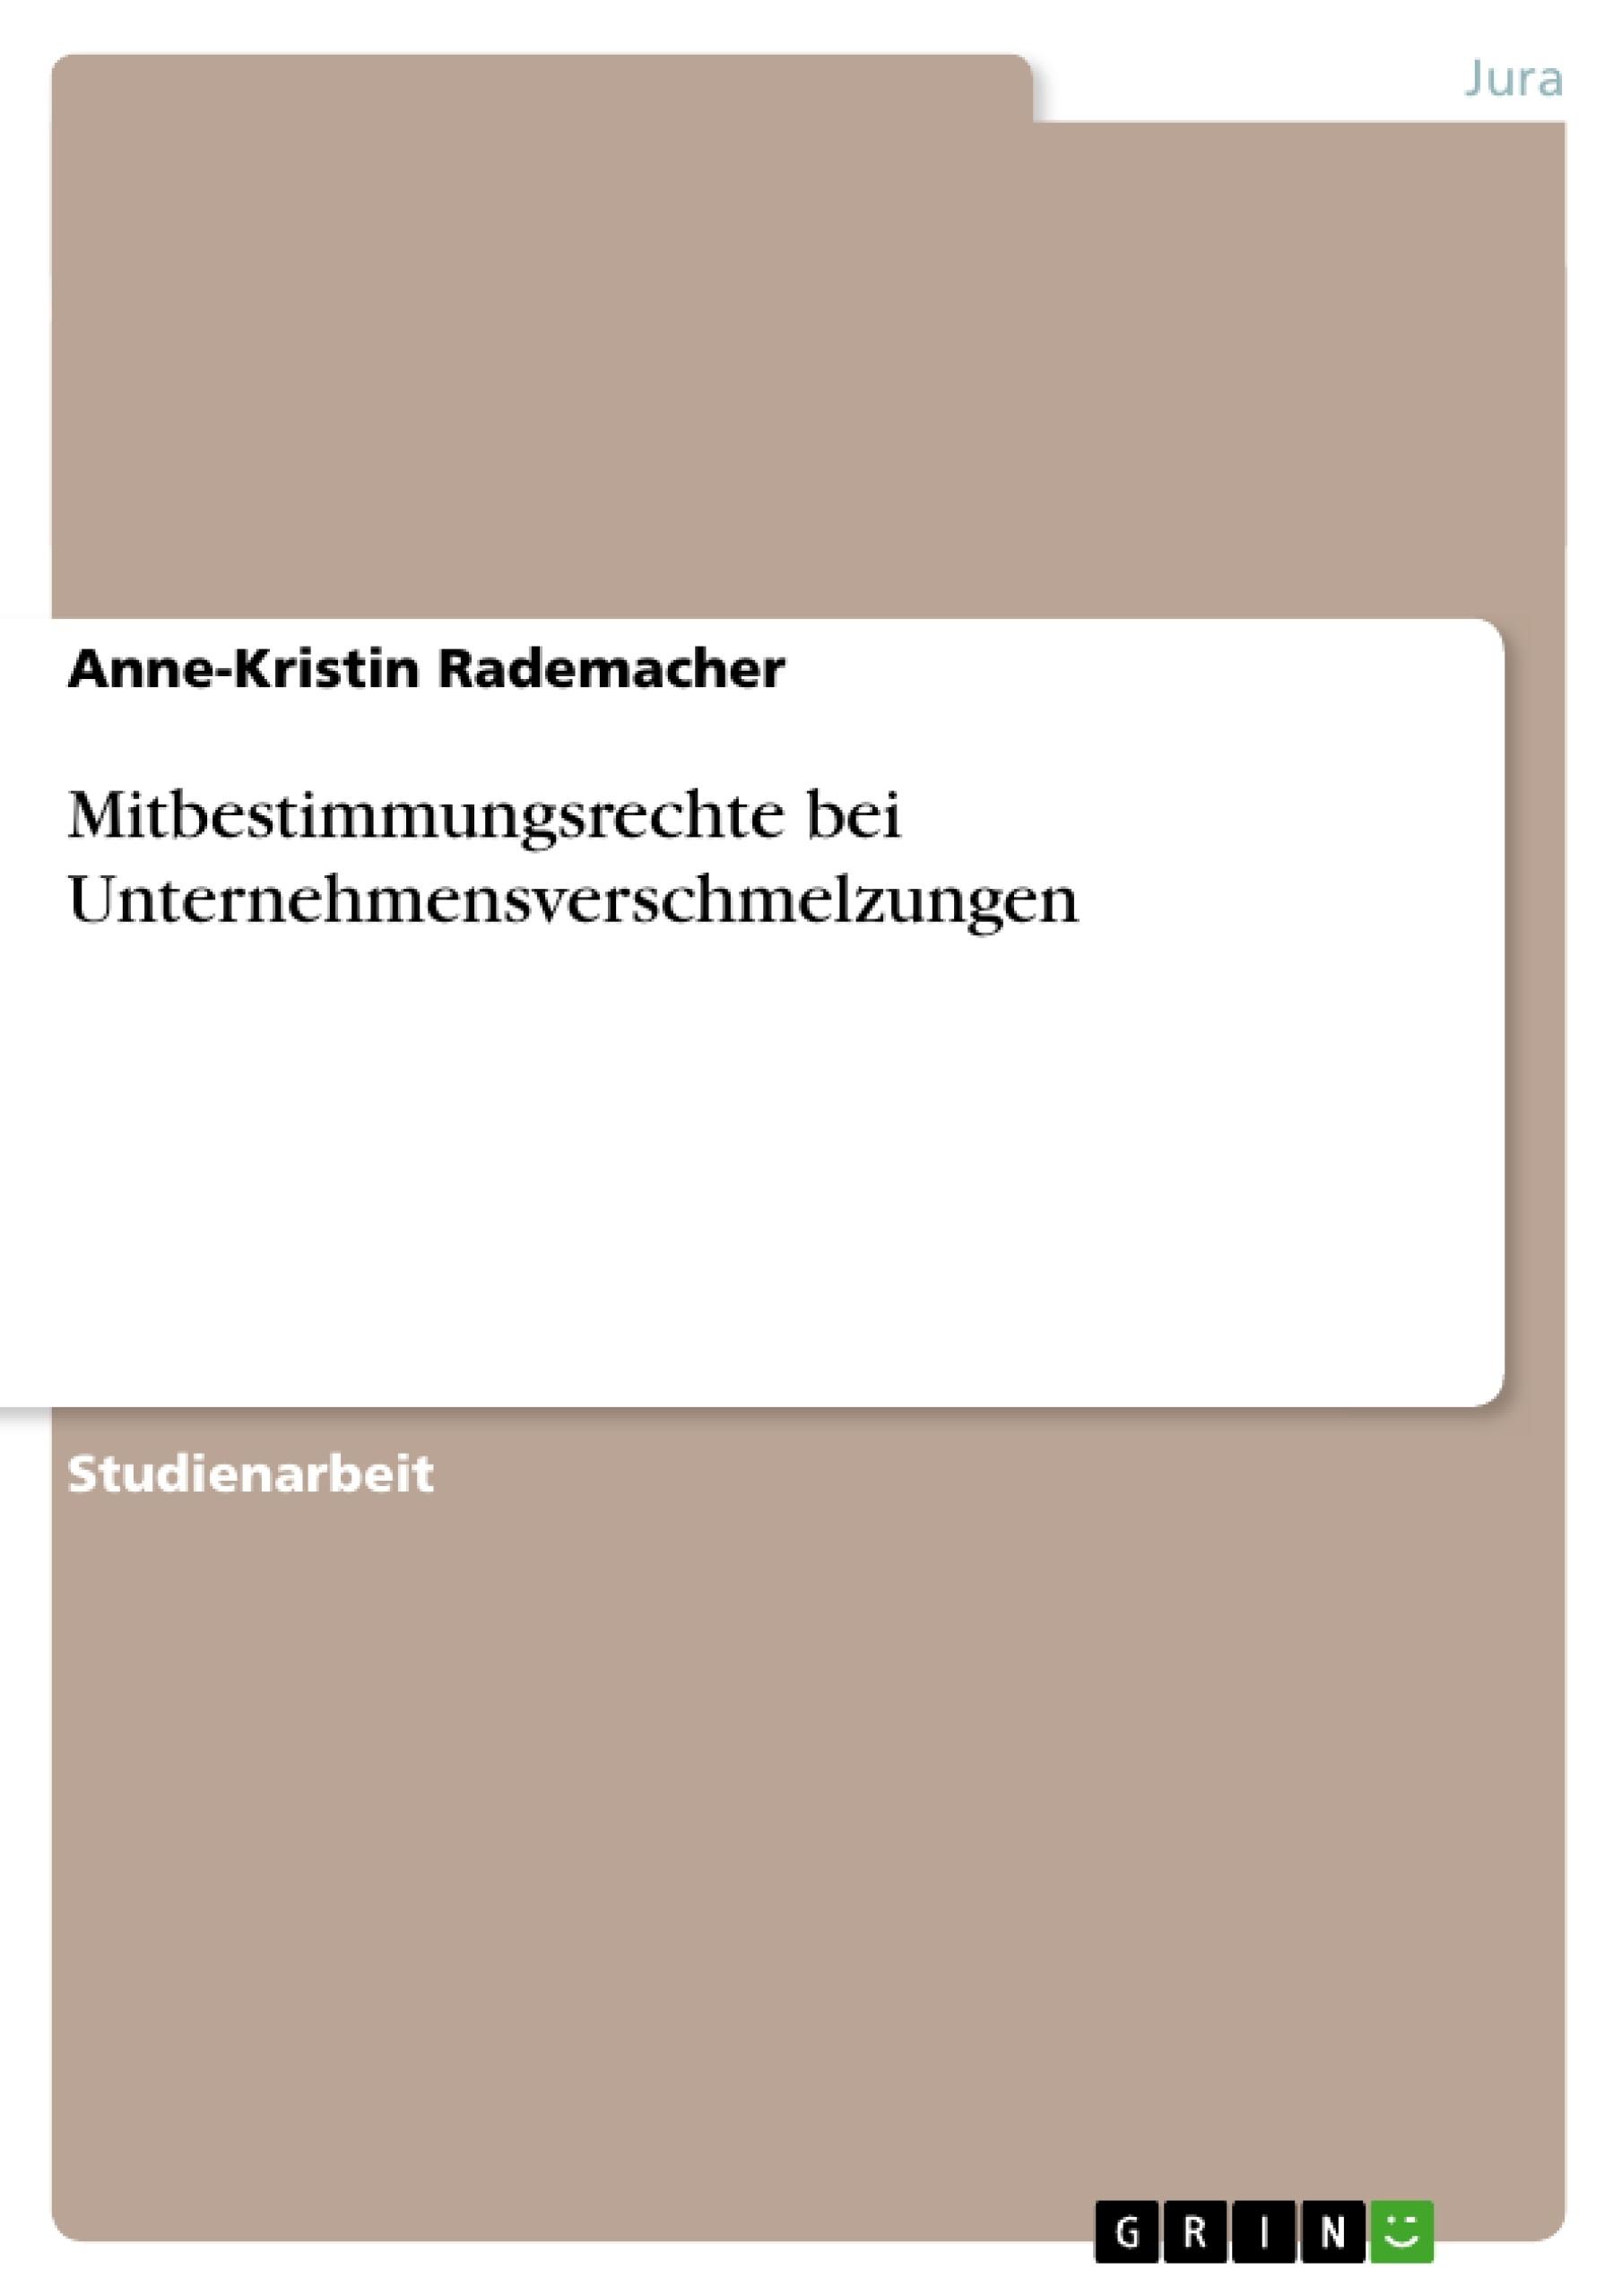 Titel: Mitbestimmungsrechte bei Unternehmensverschmelzungen